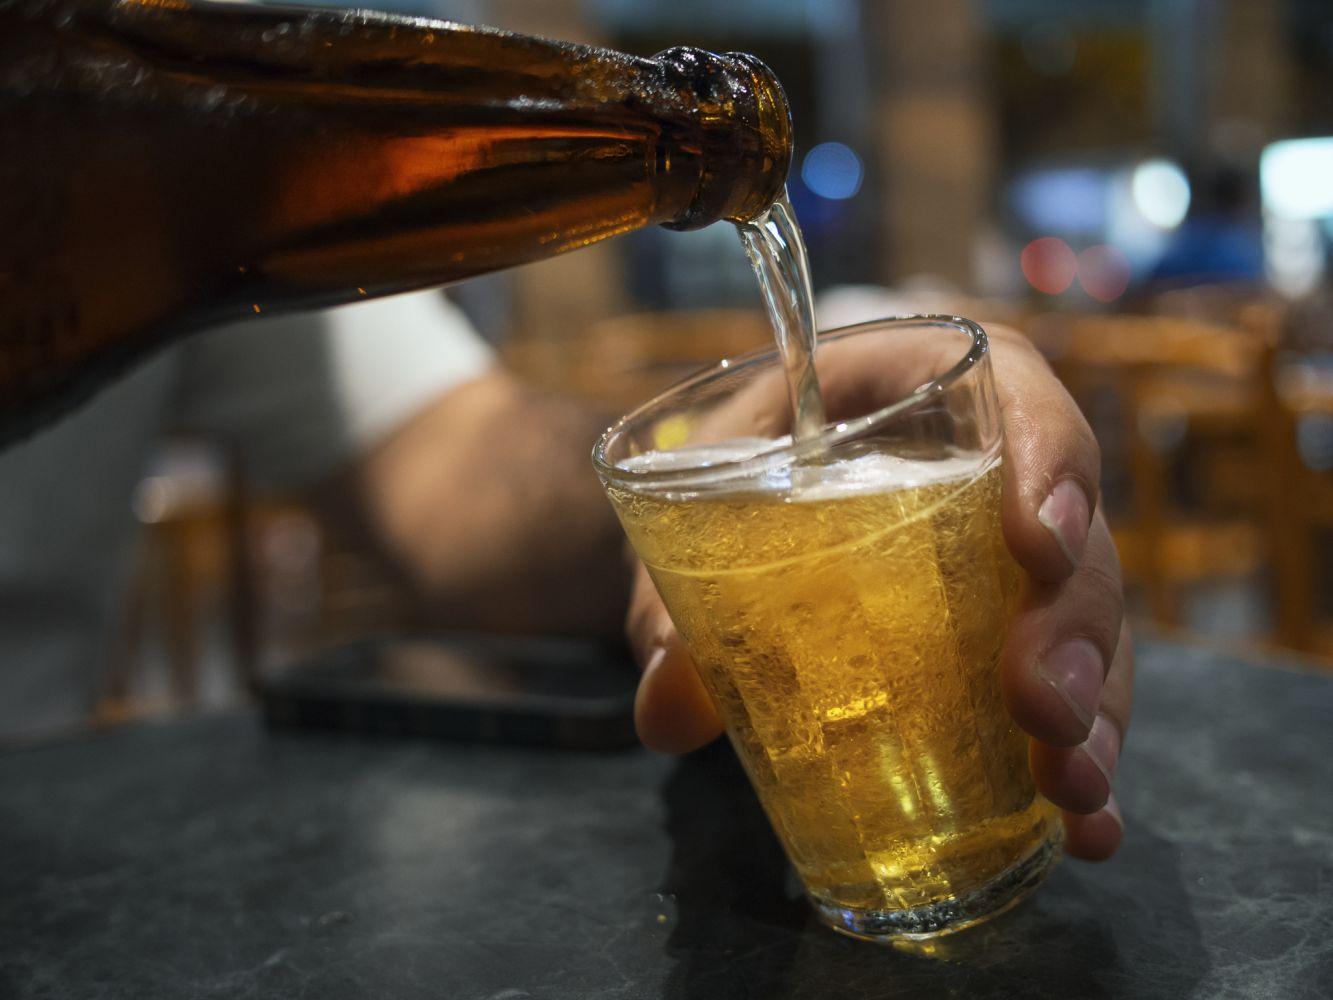 Vinhos, drinks e cervejas em destaque em lista de cursos gratuitos